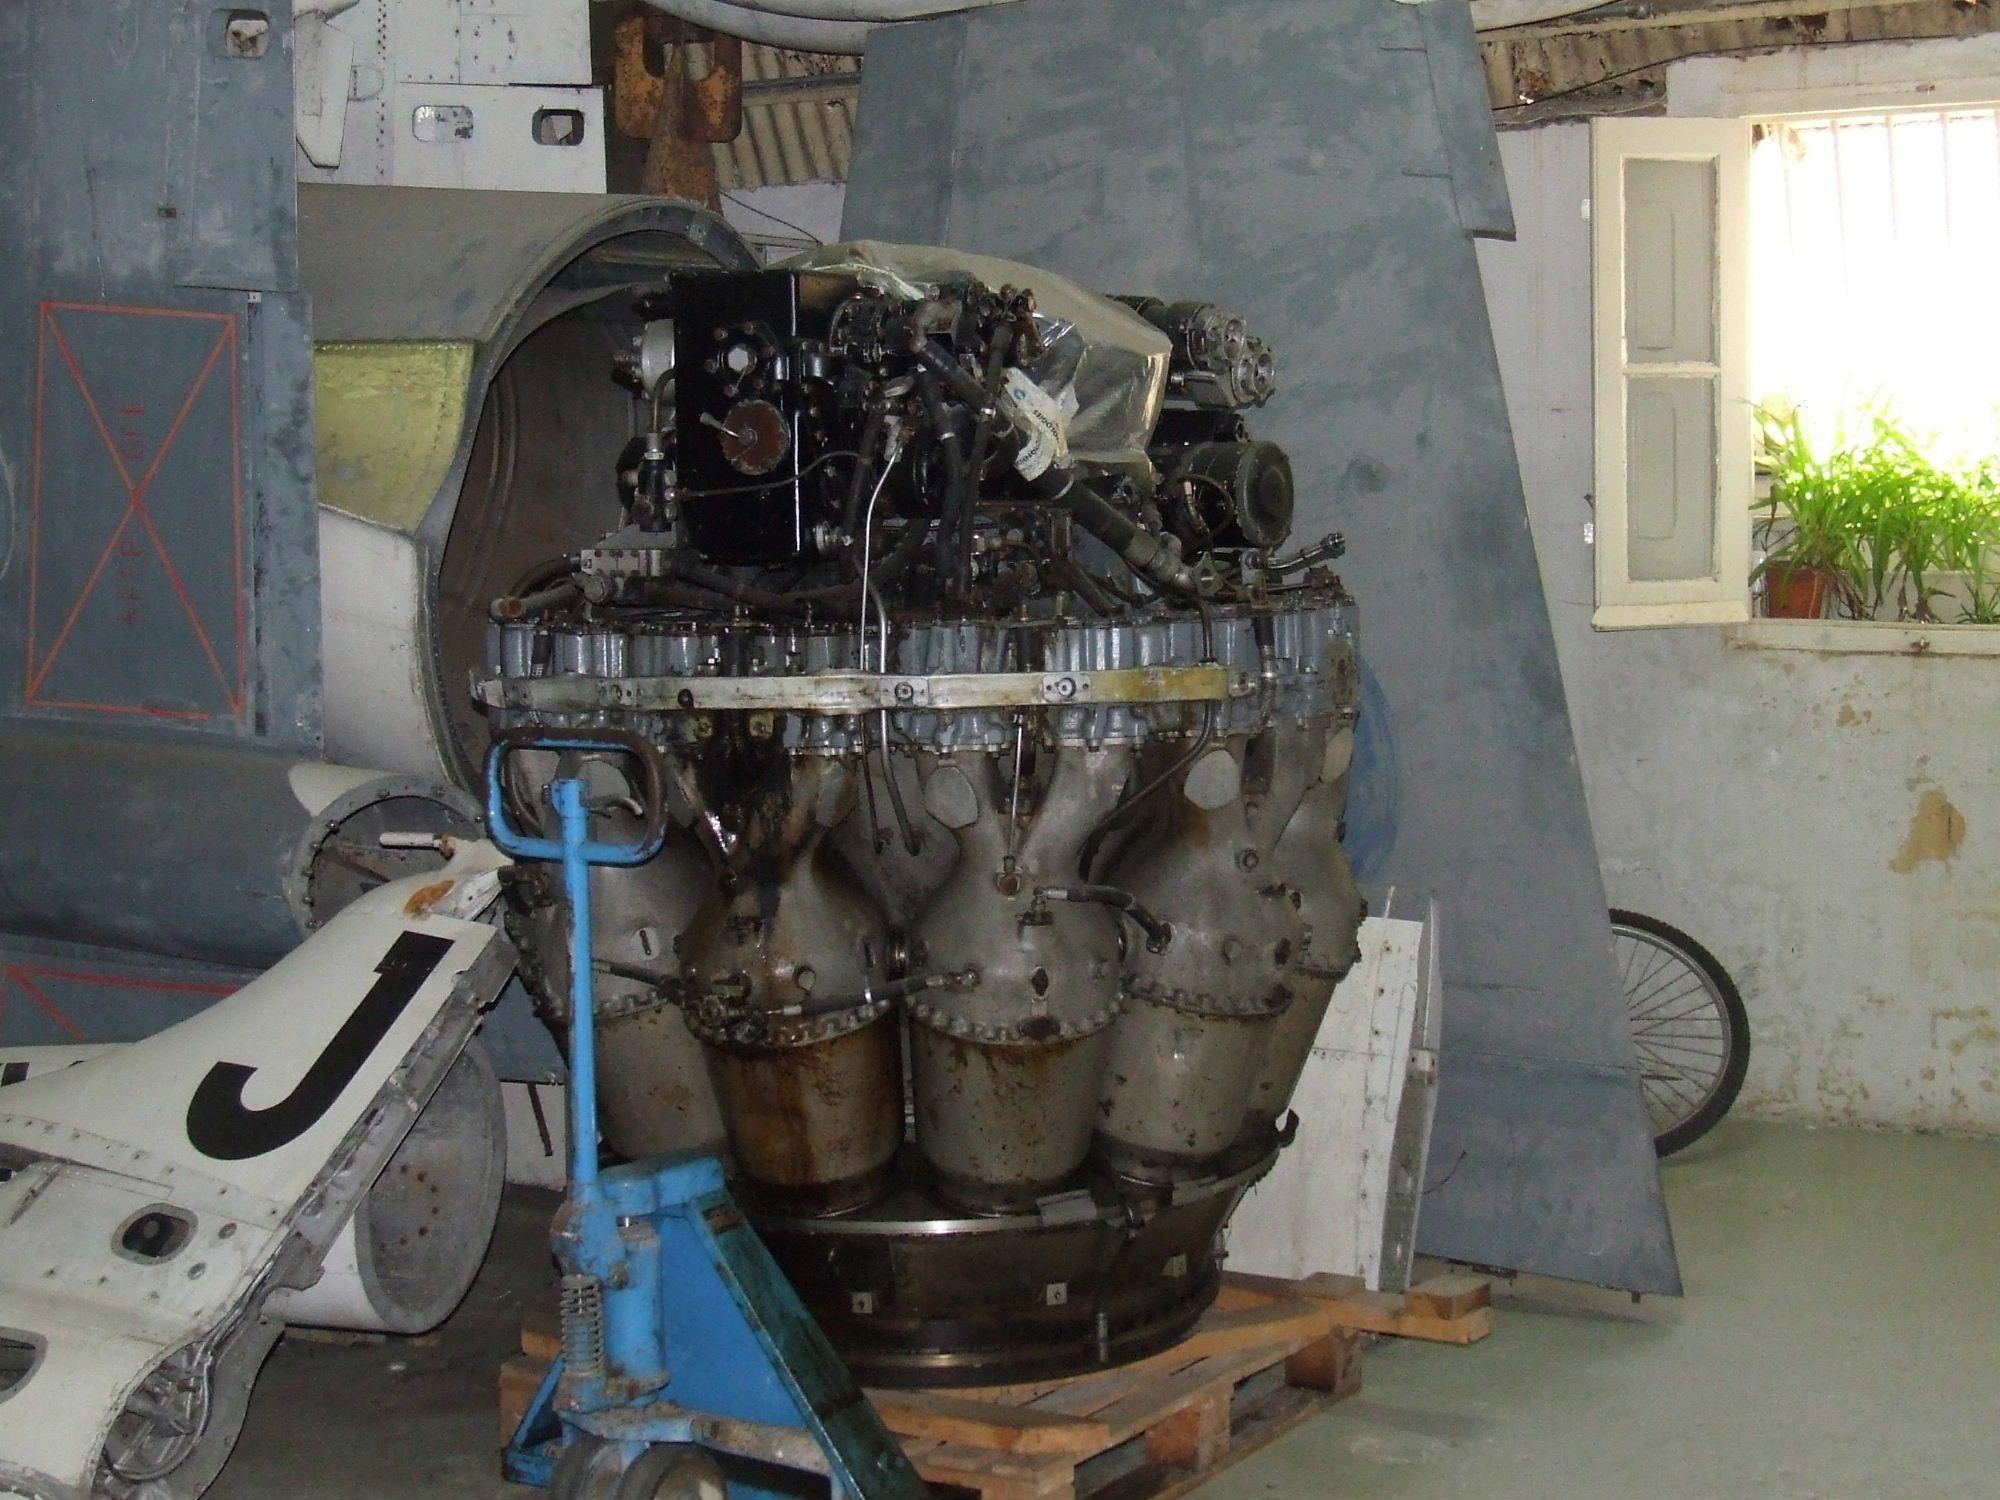 DSCF7363kl.JPG